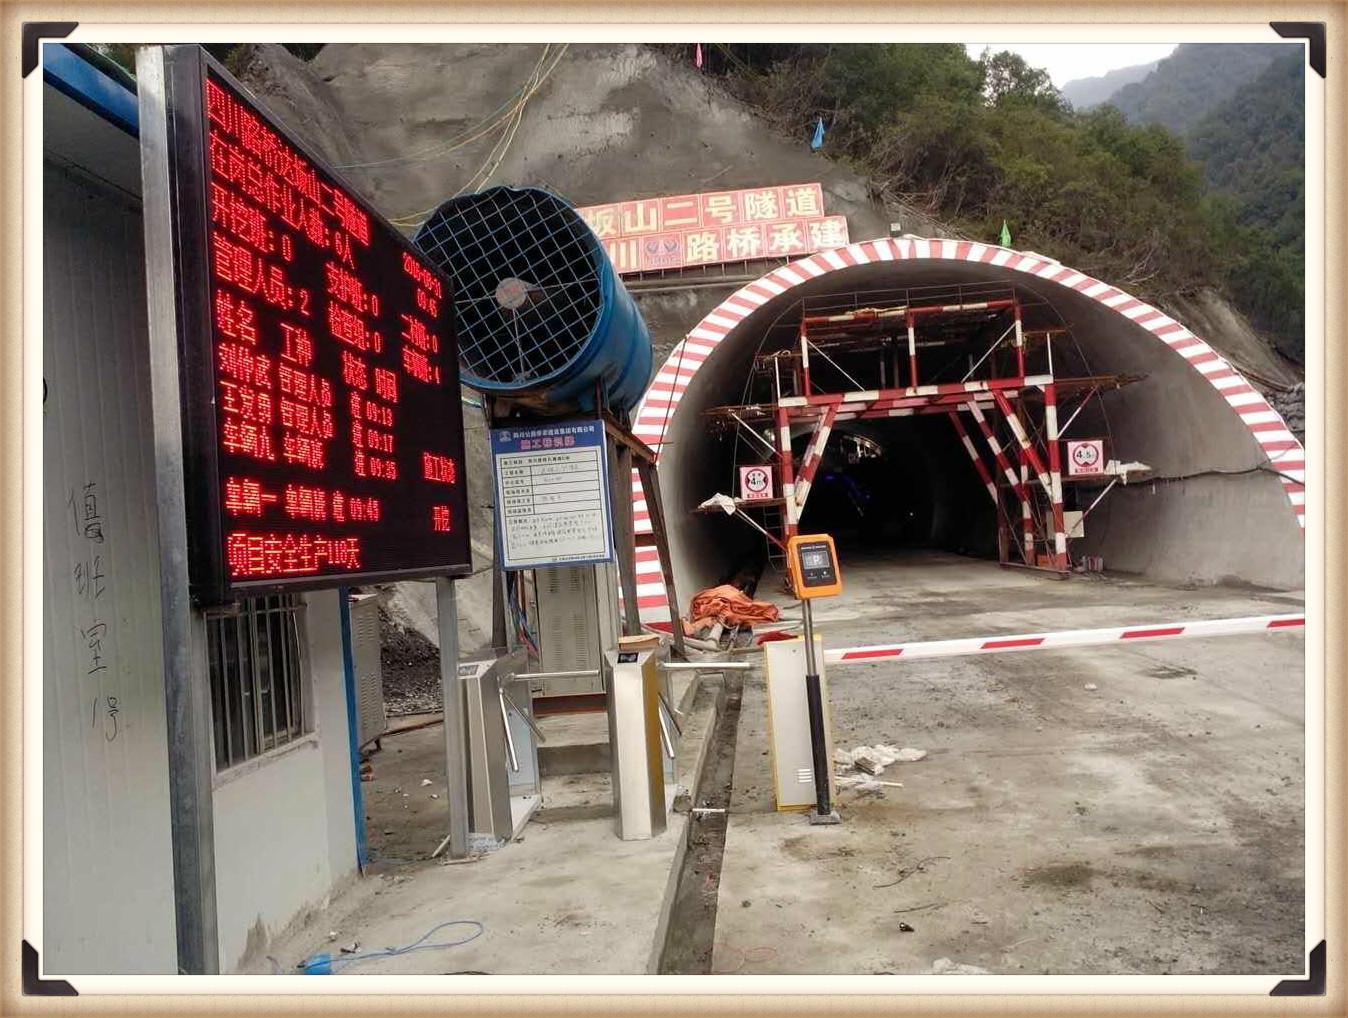 二号隧道工地人员实名制统计显示